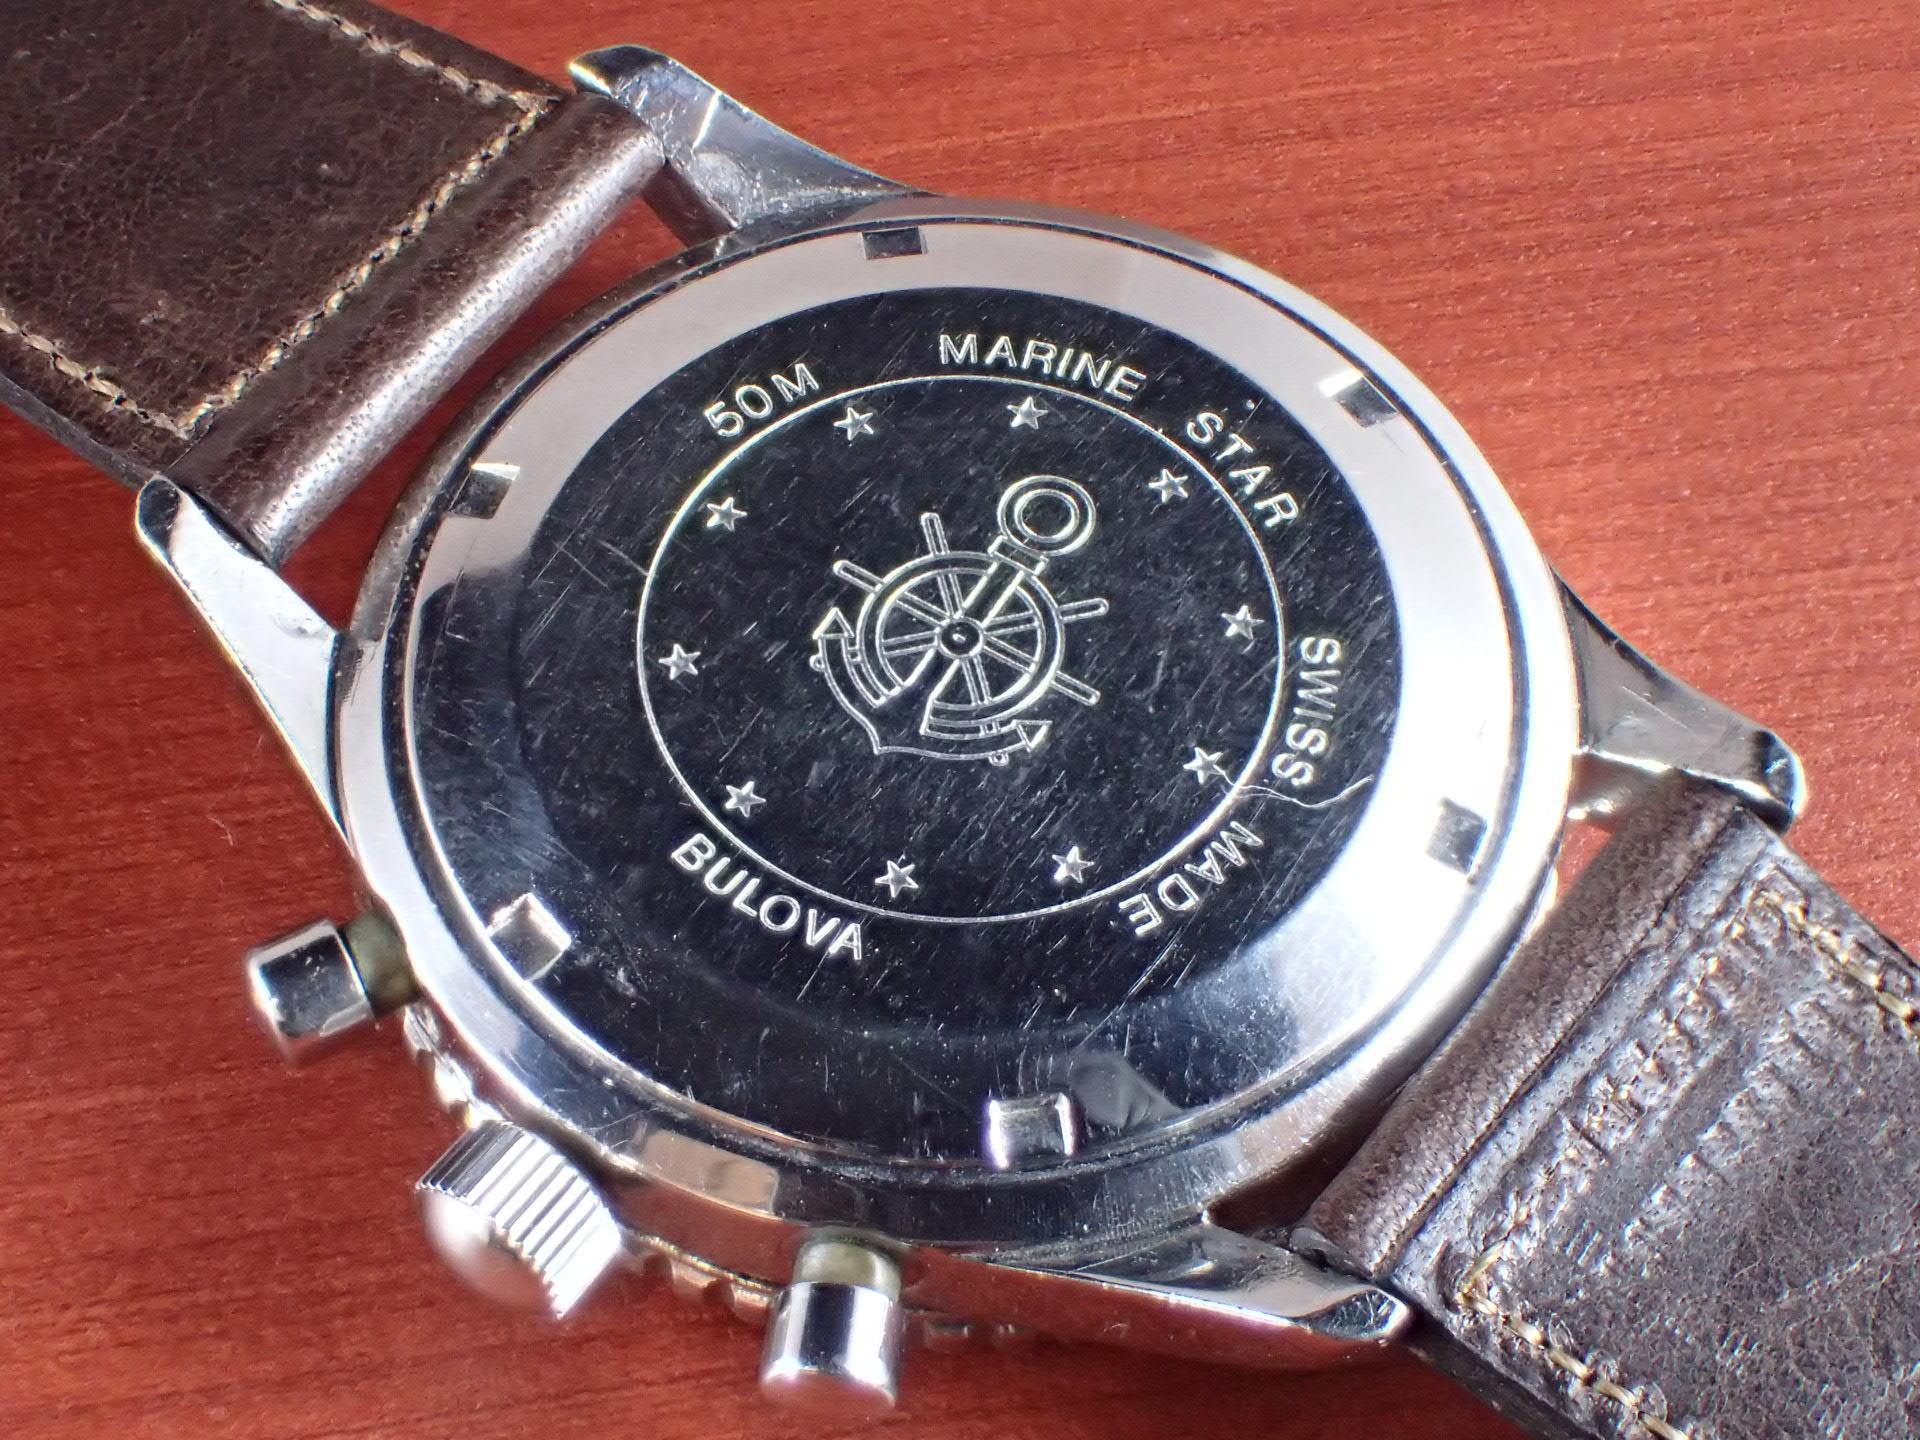 ブローバ マリンスター クロノグラフ Cal.Valjoux7731 1970年代の写真4枚目